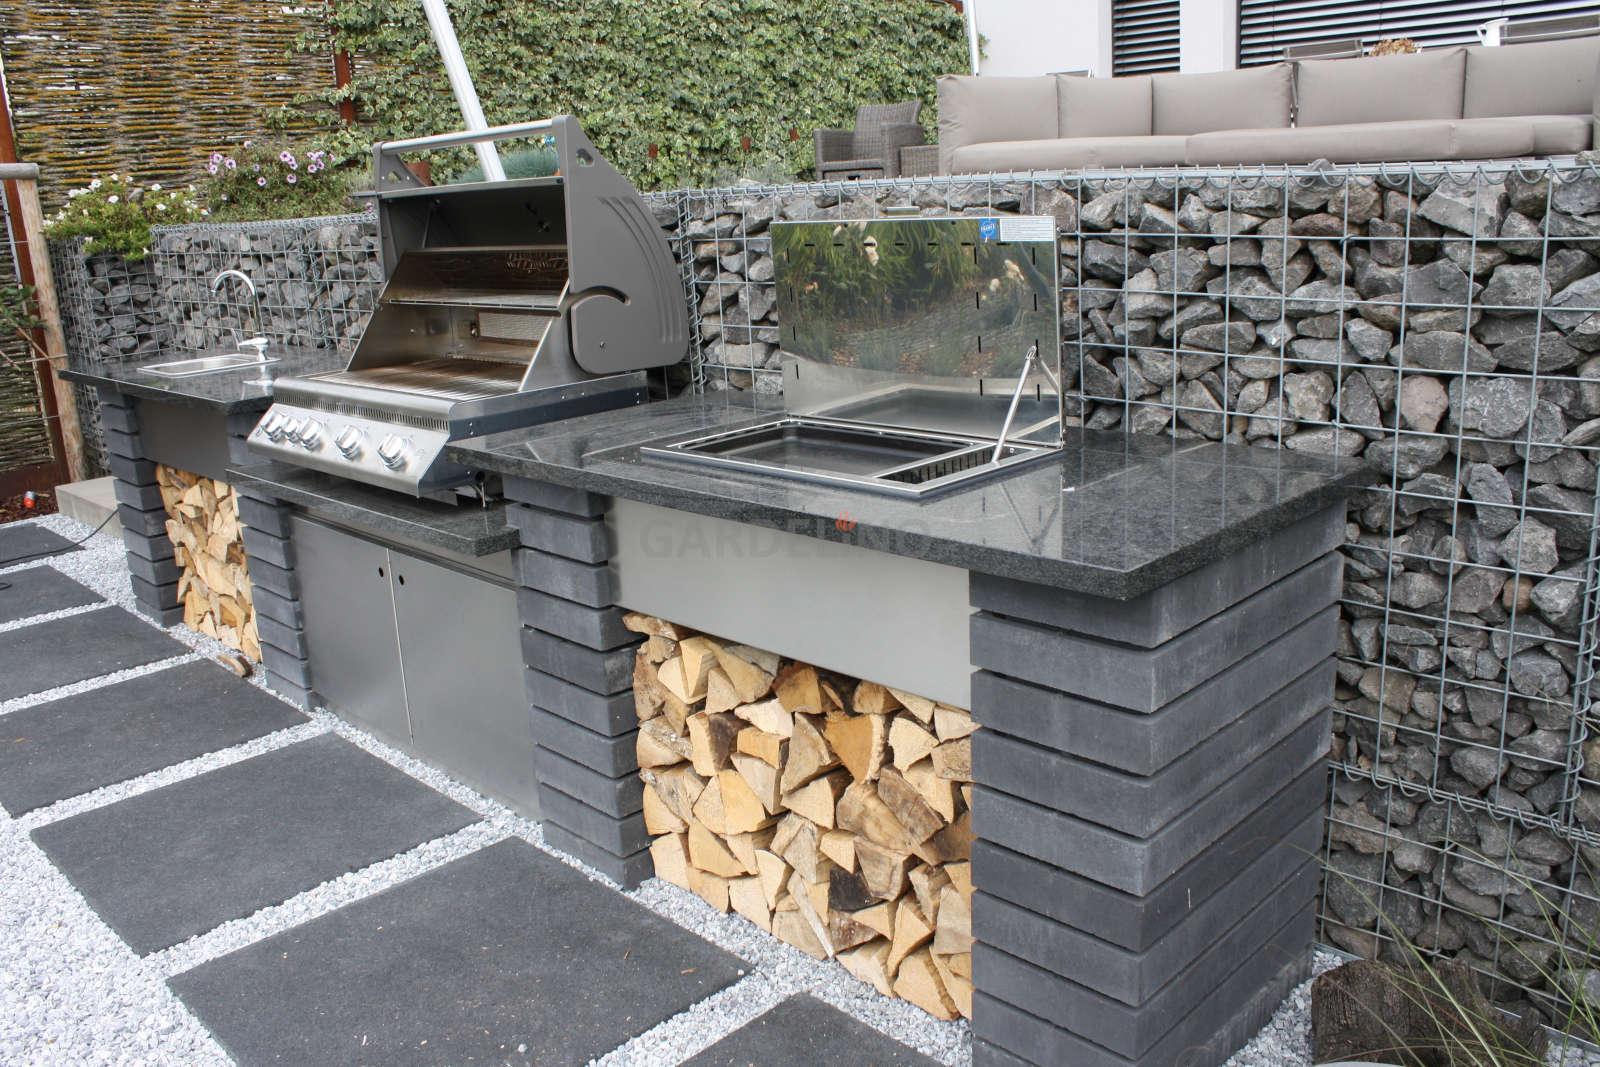 Outdoor Küche Edelstahl Unterschied : Bauplan outdoorküche selbst